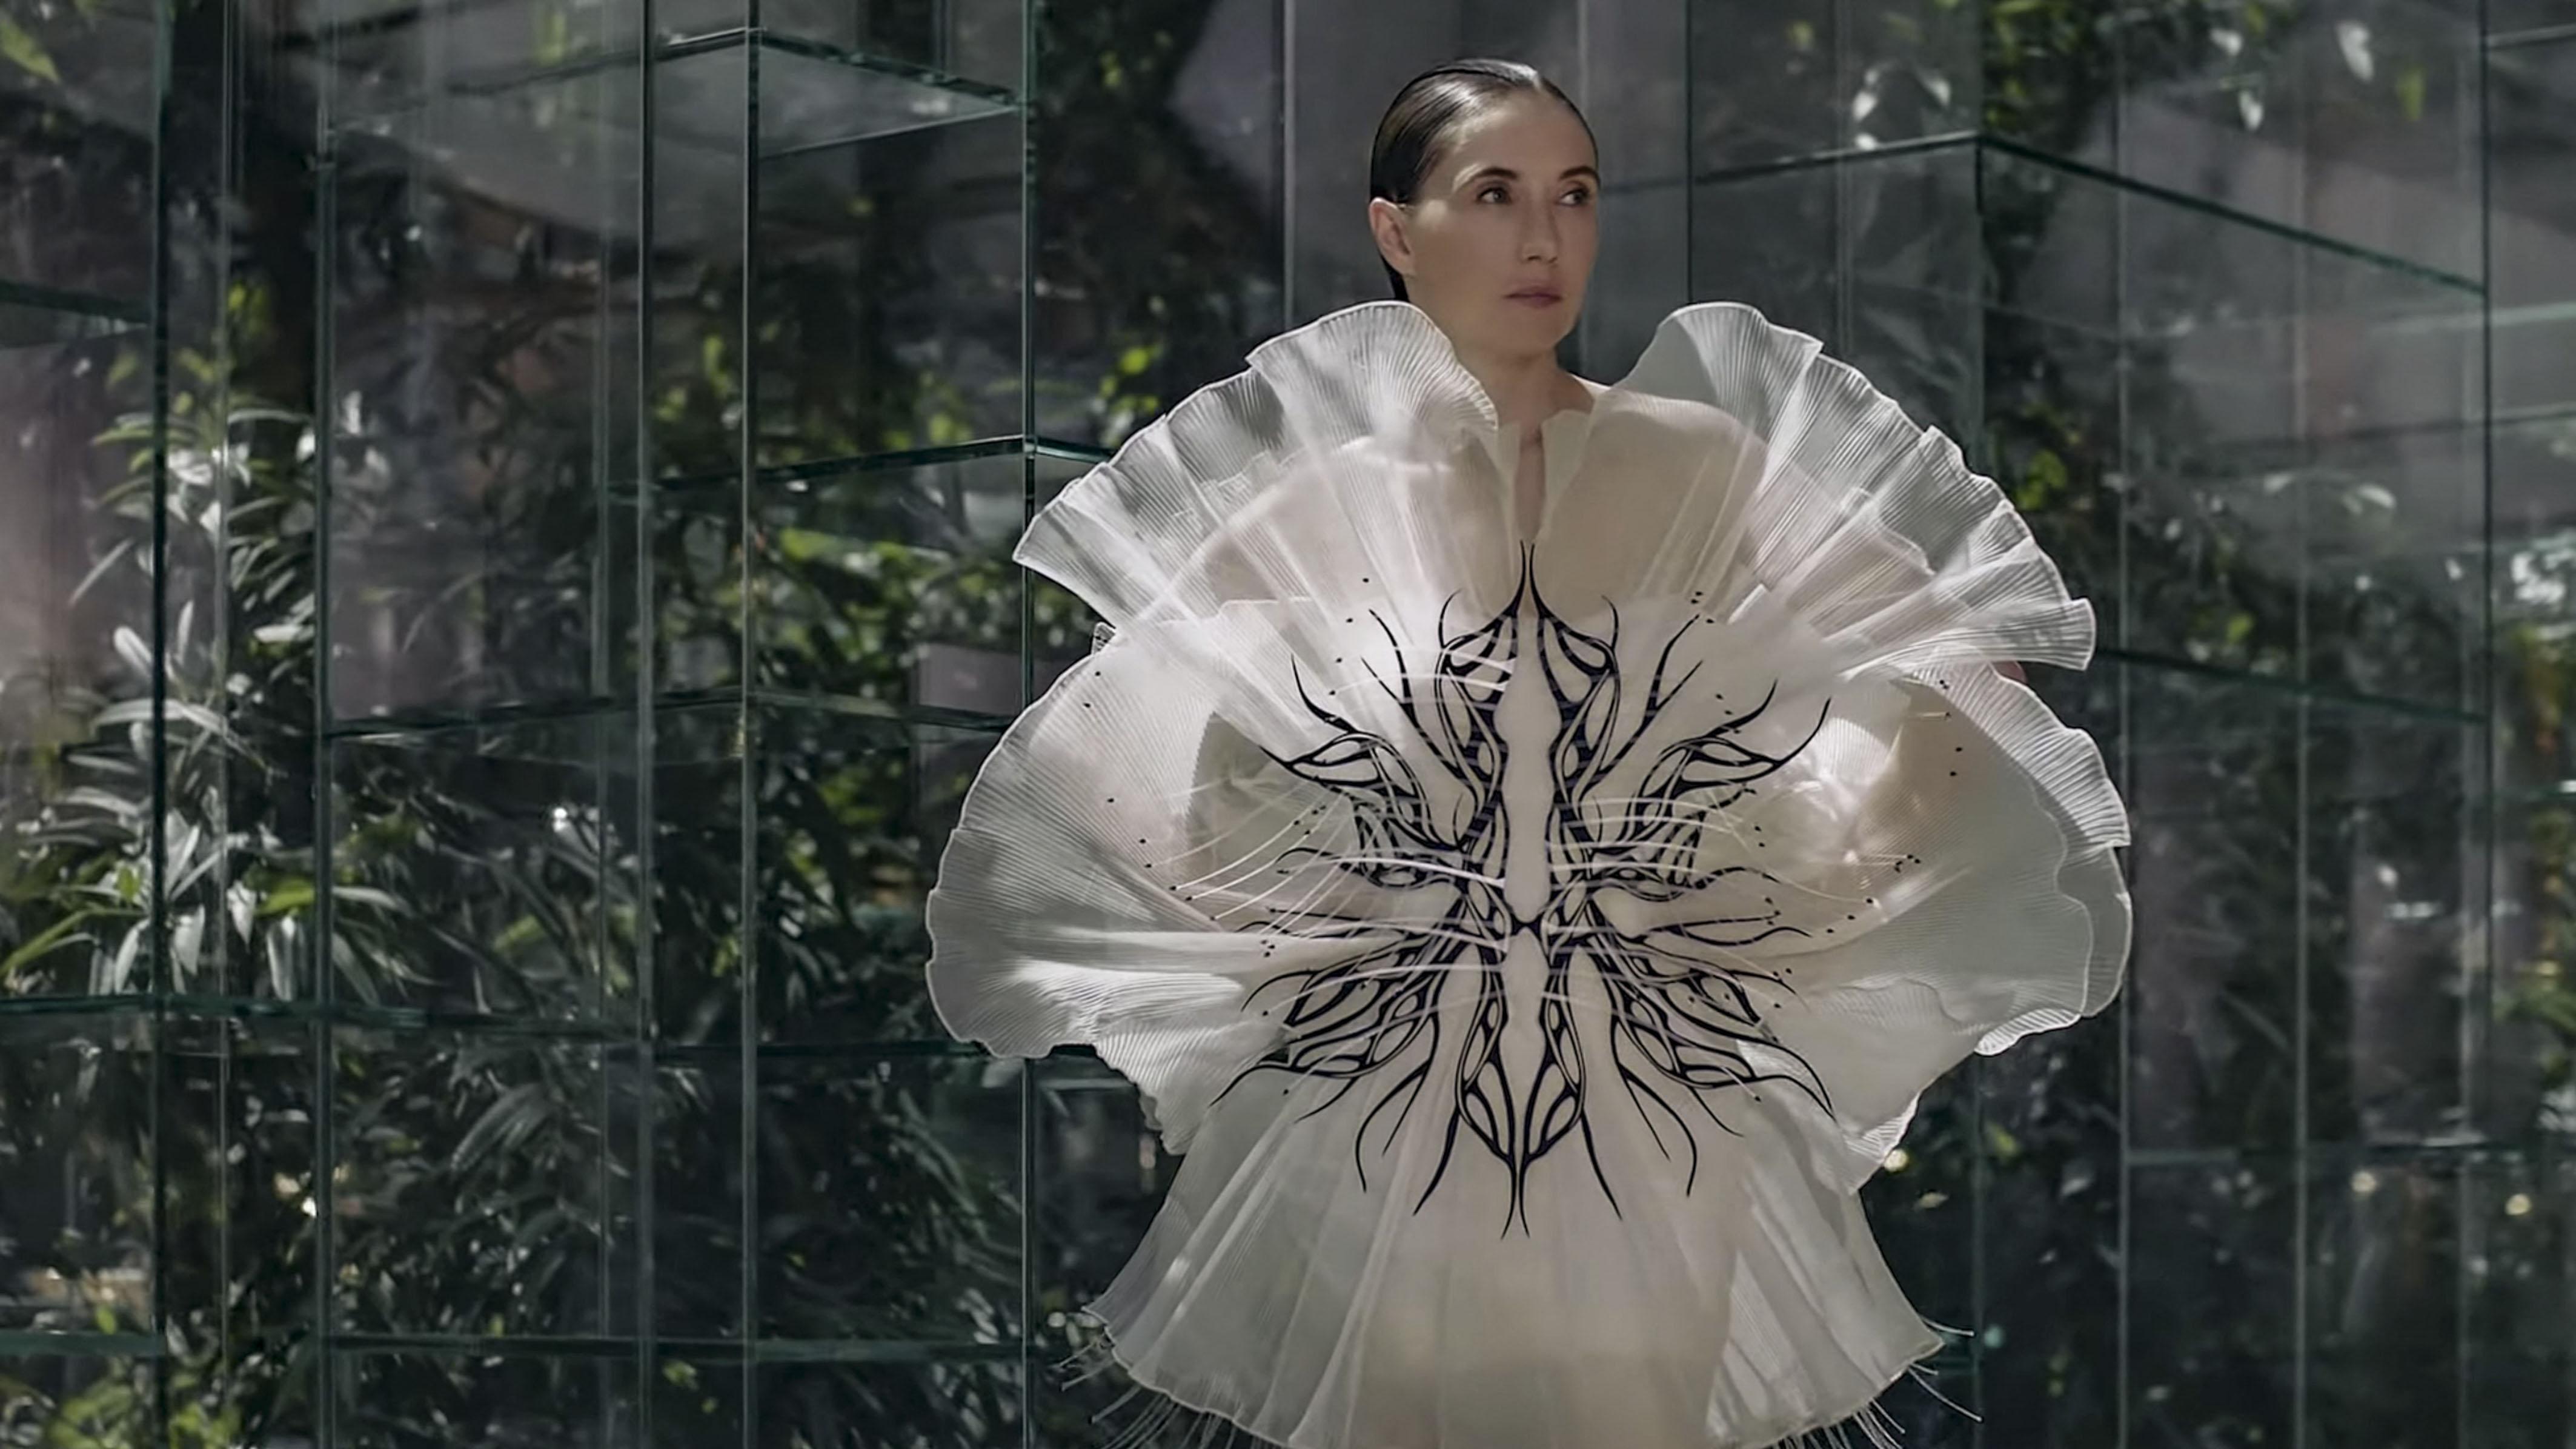 Una actriz de Game of Thrones, musa de Iris Van Herpen para mostrar su colección alta costura